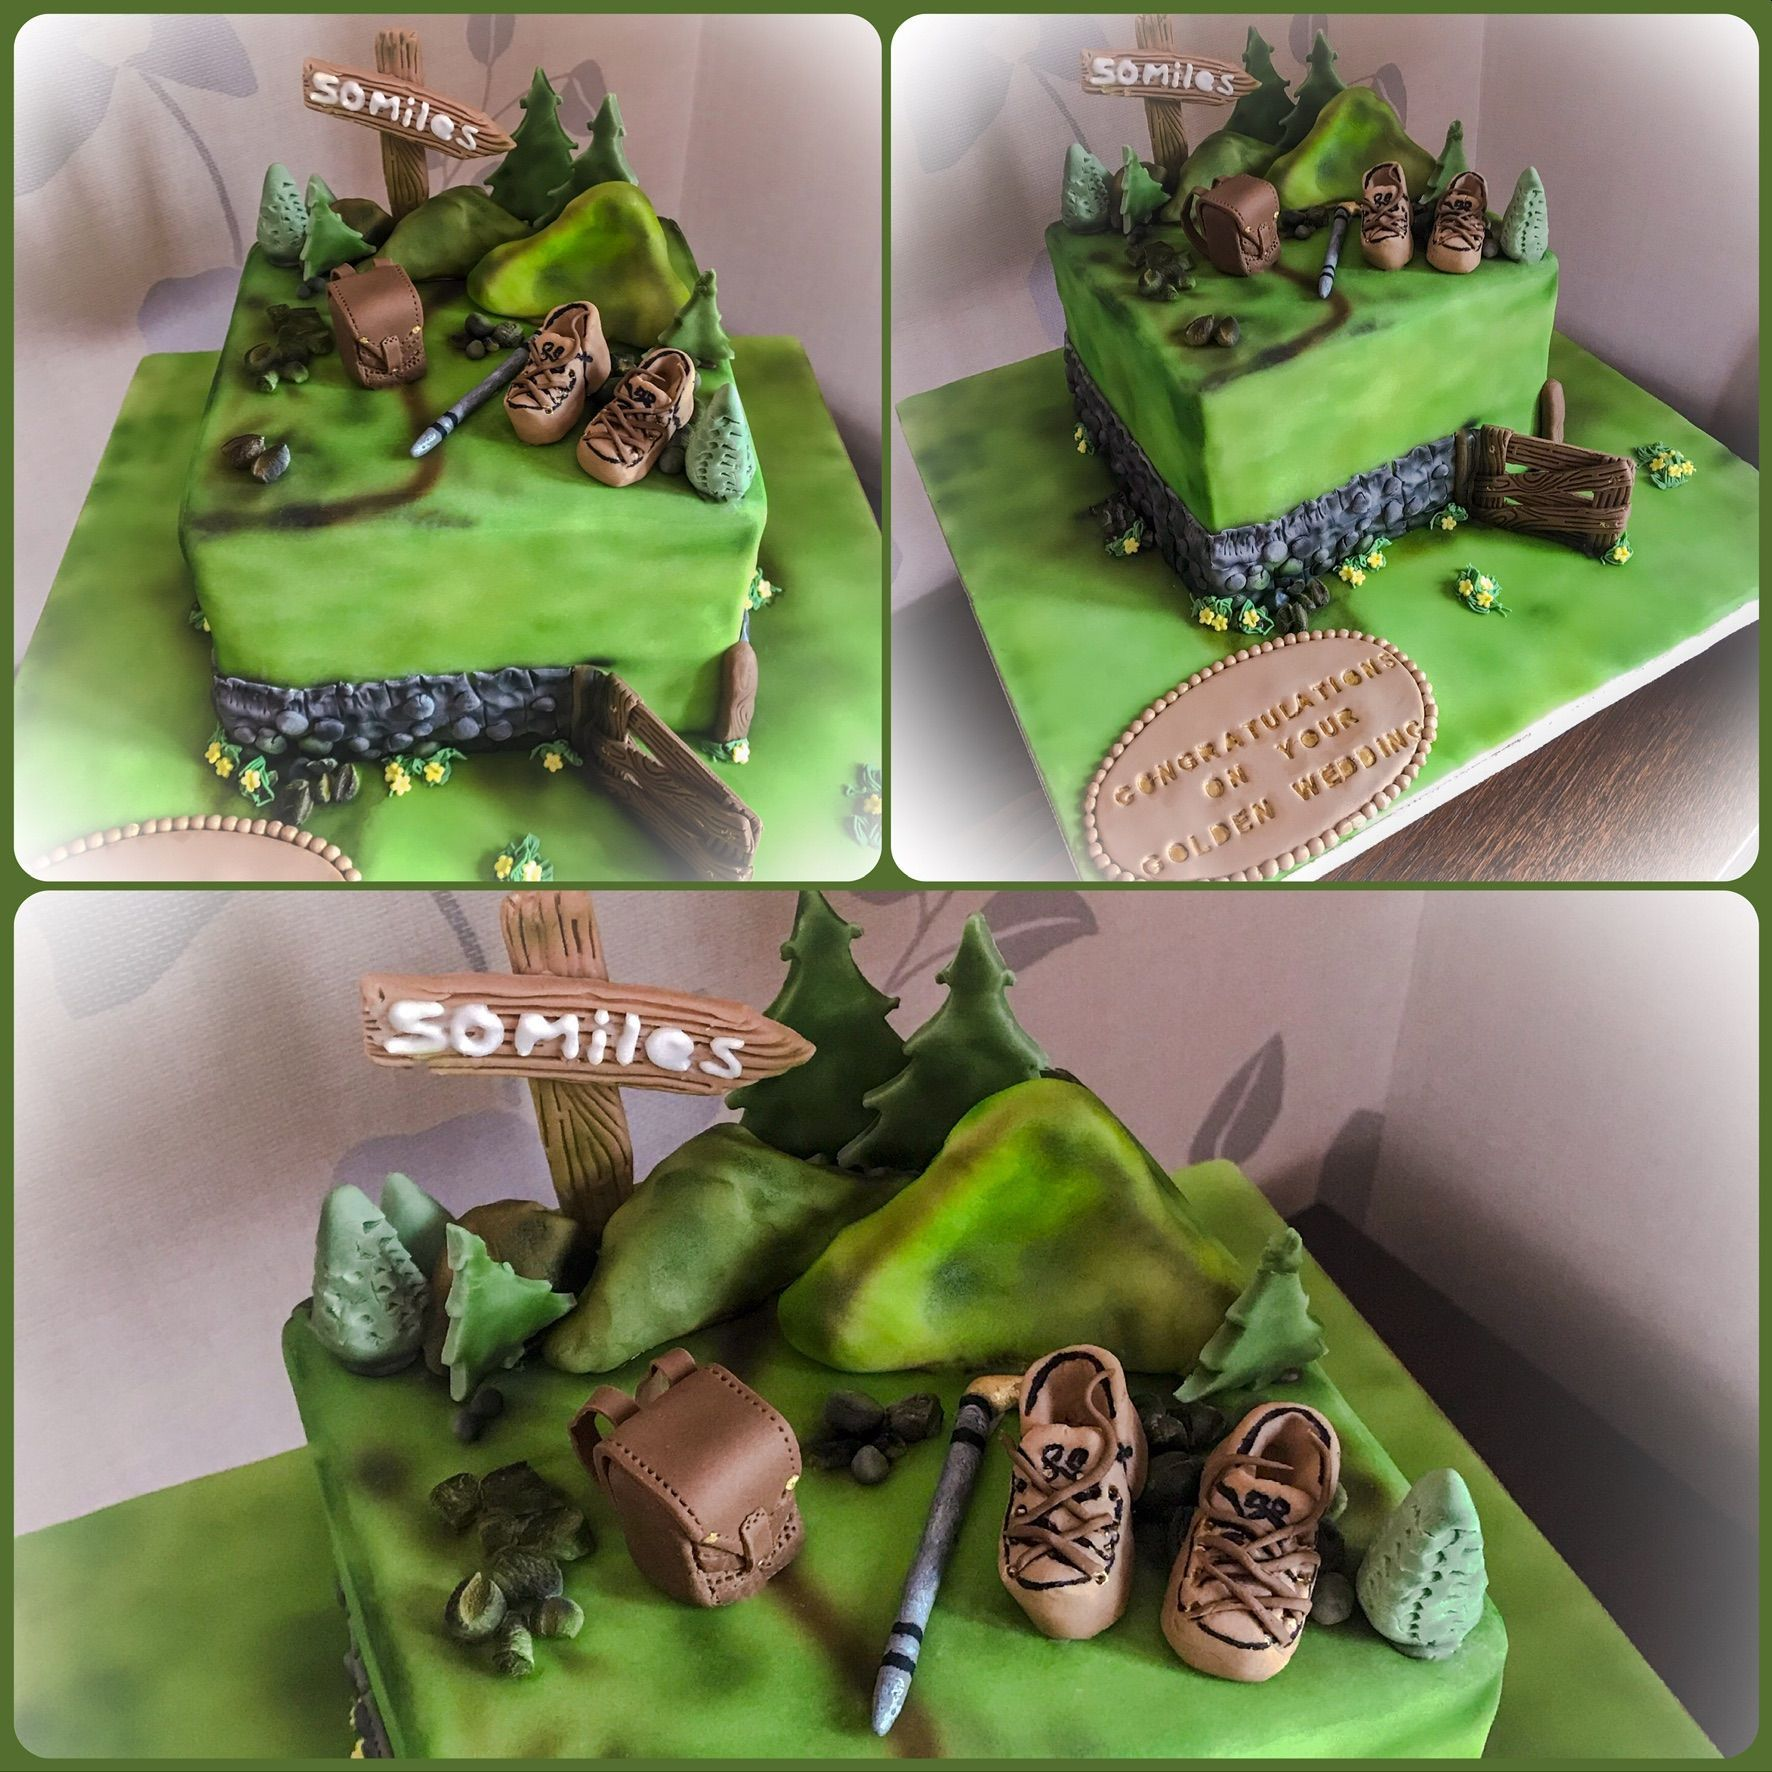 walking cake